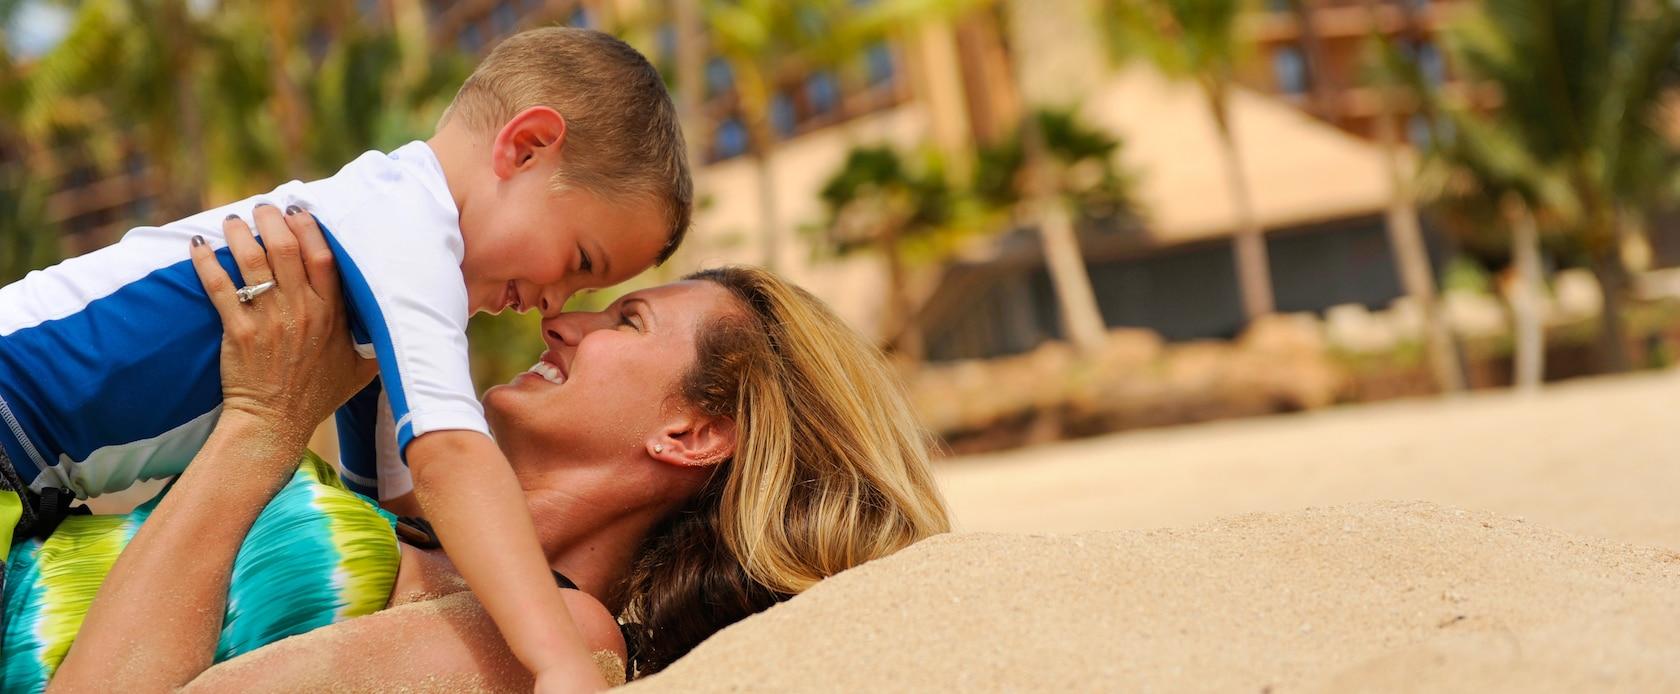 ビーチに仰向けになり、抱っこした小さな息子の鼻に自分の鼻をつけて微笑む母親